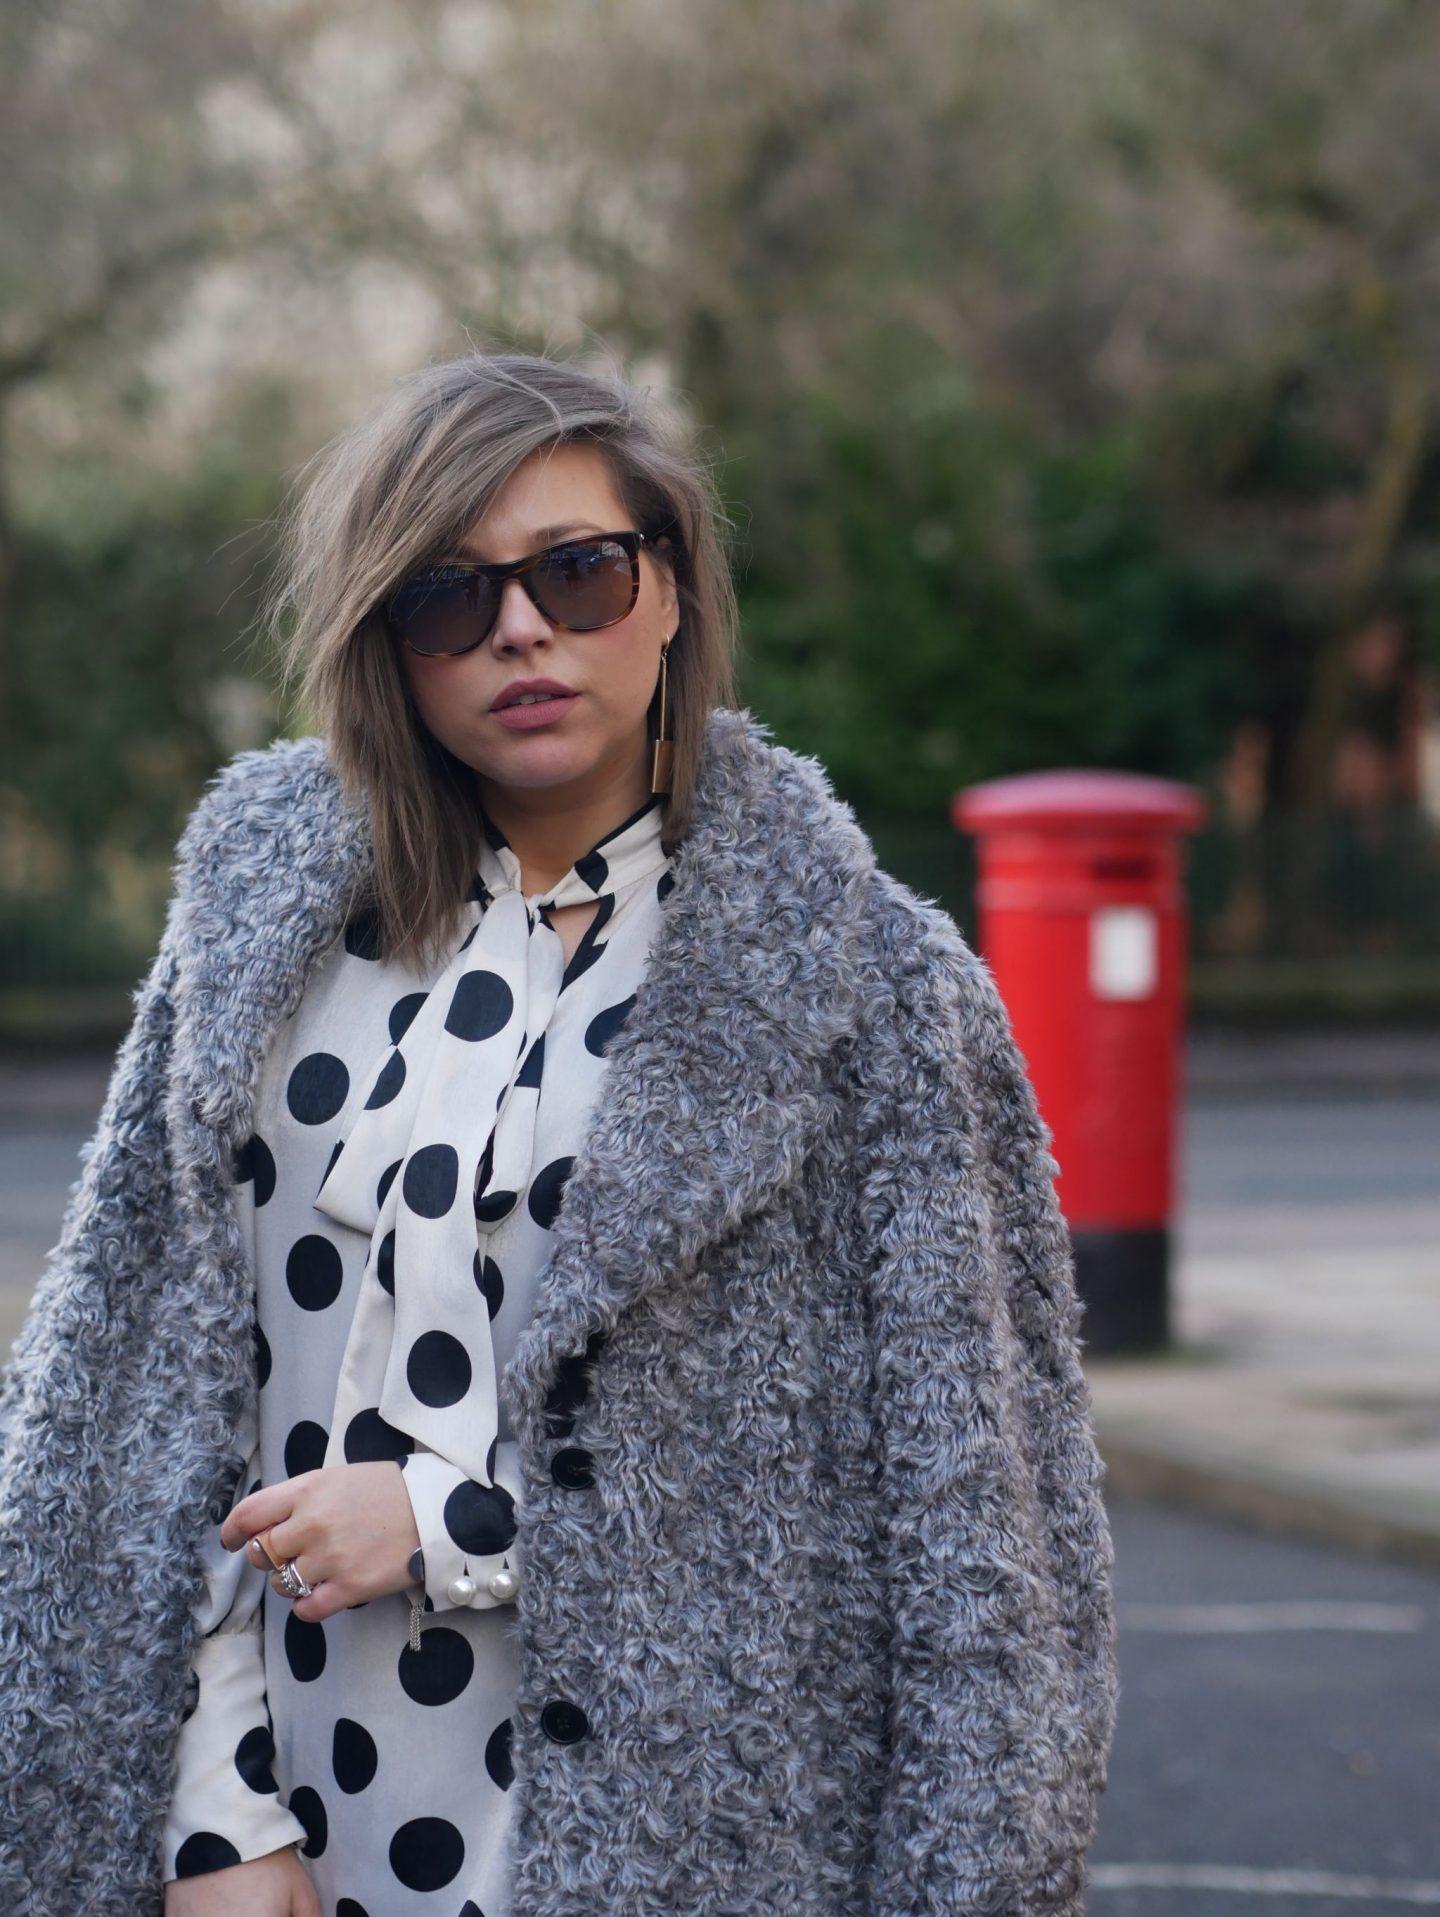 manchester fashion blogger , fashion style, zara coat, sock boots